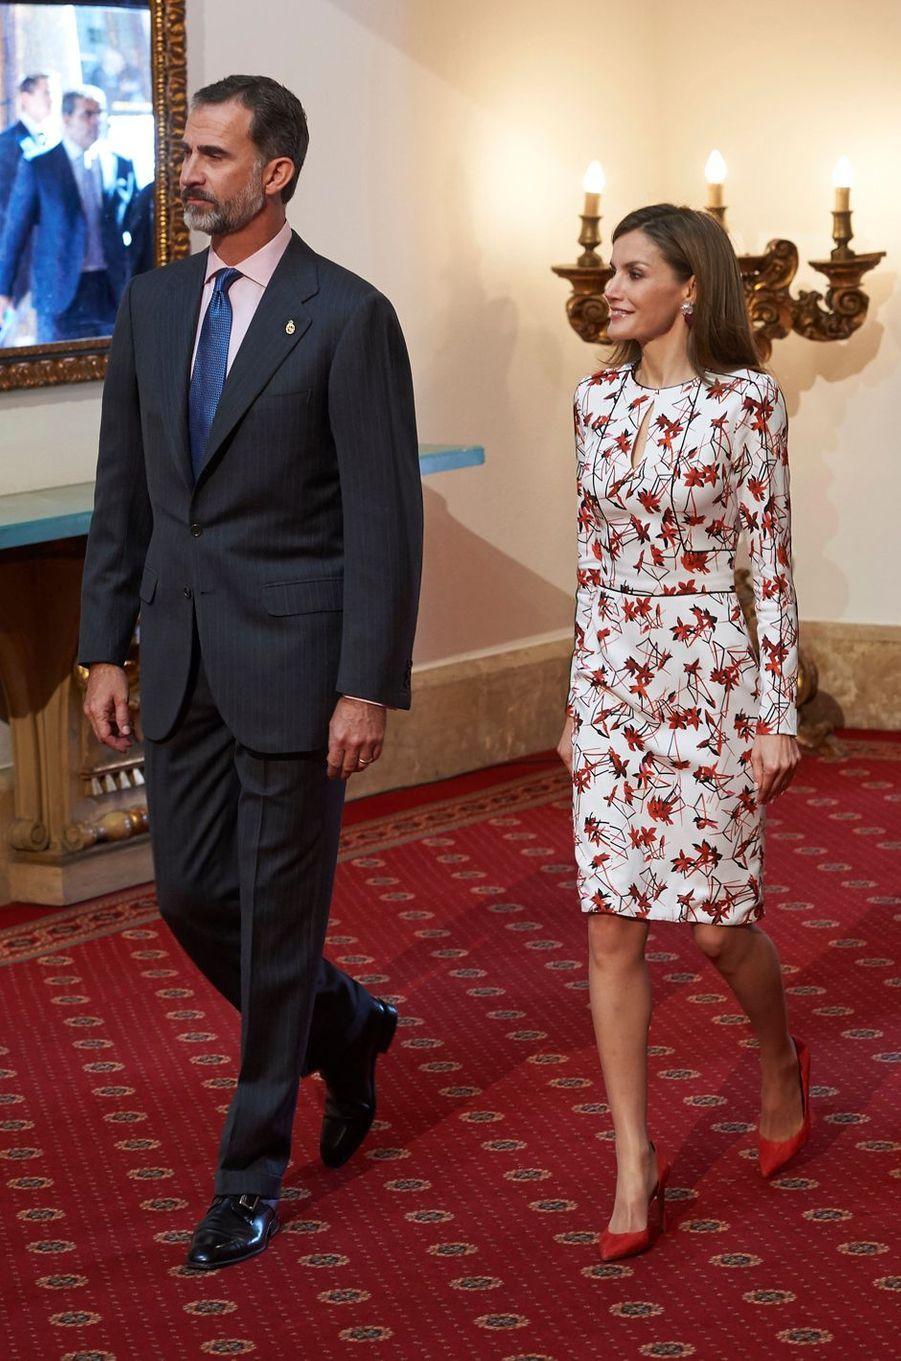 La reine Letizia et le roi Felipe VI d'Espagne à Oviedo, le 21 octobre 2016, pour les manifestations en lien avec le prix princesse des Asturies